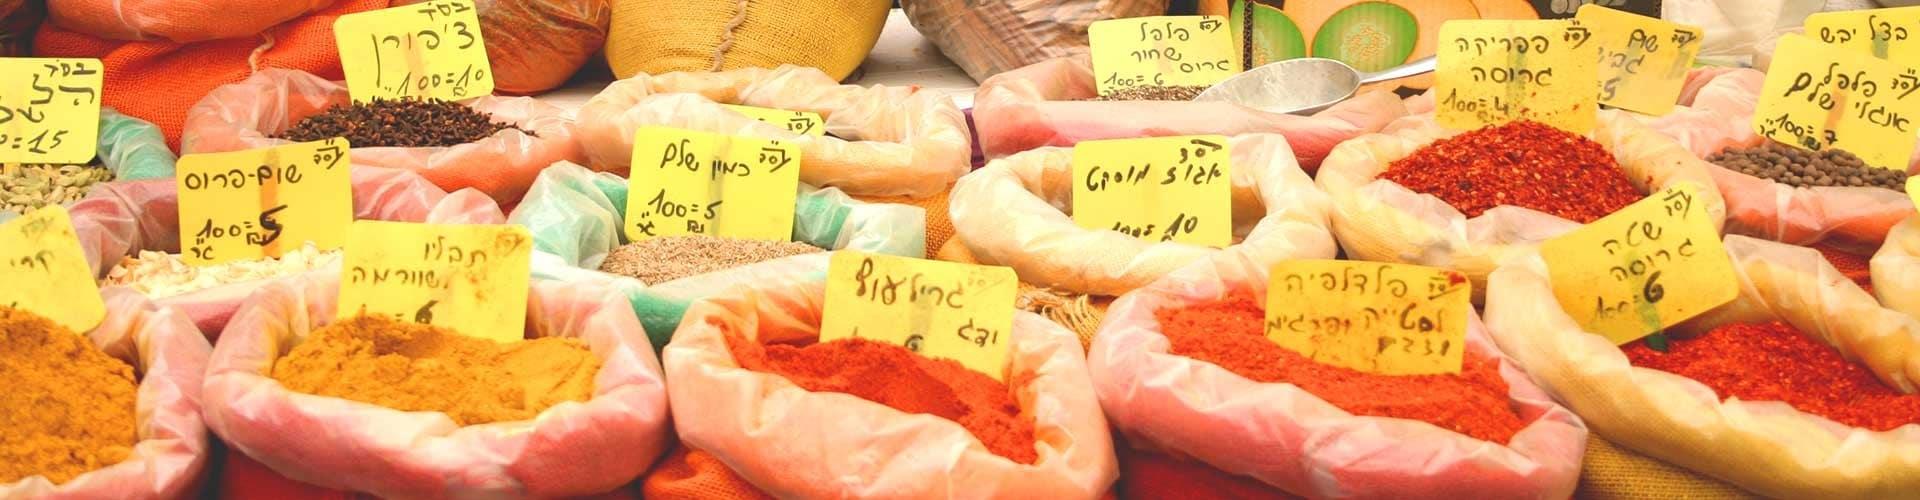 סיור בשוק מחנה יהודה בירושלים